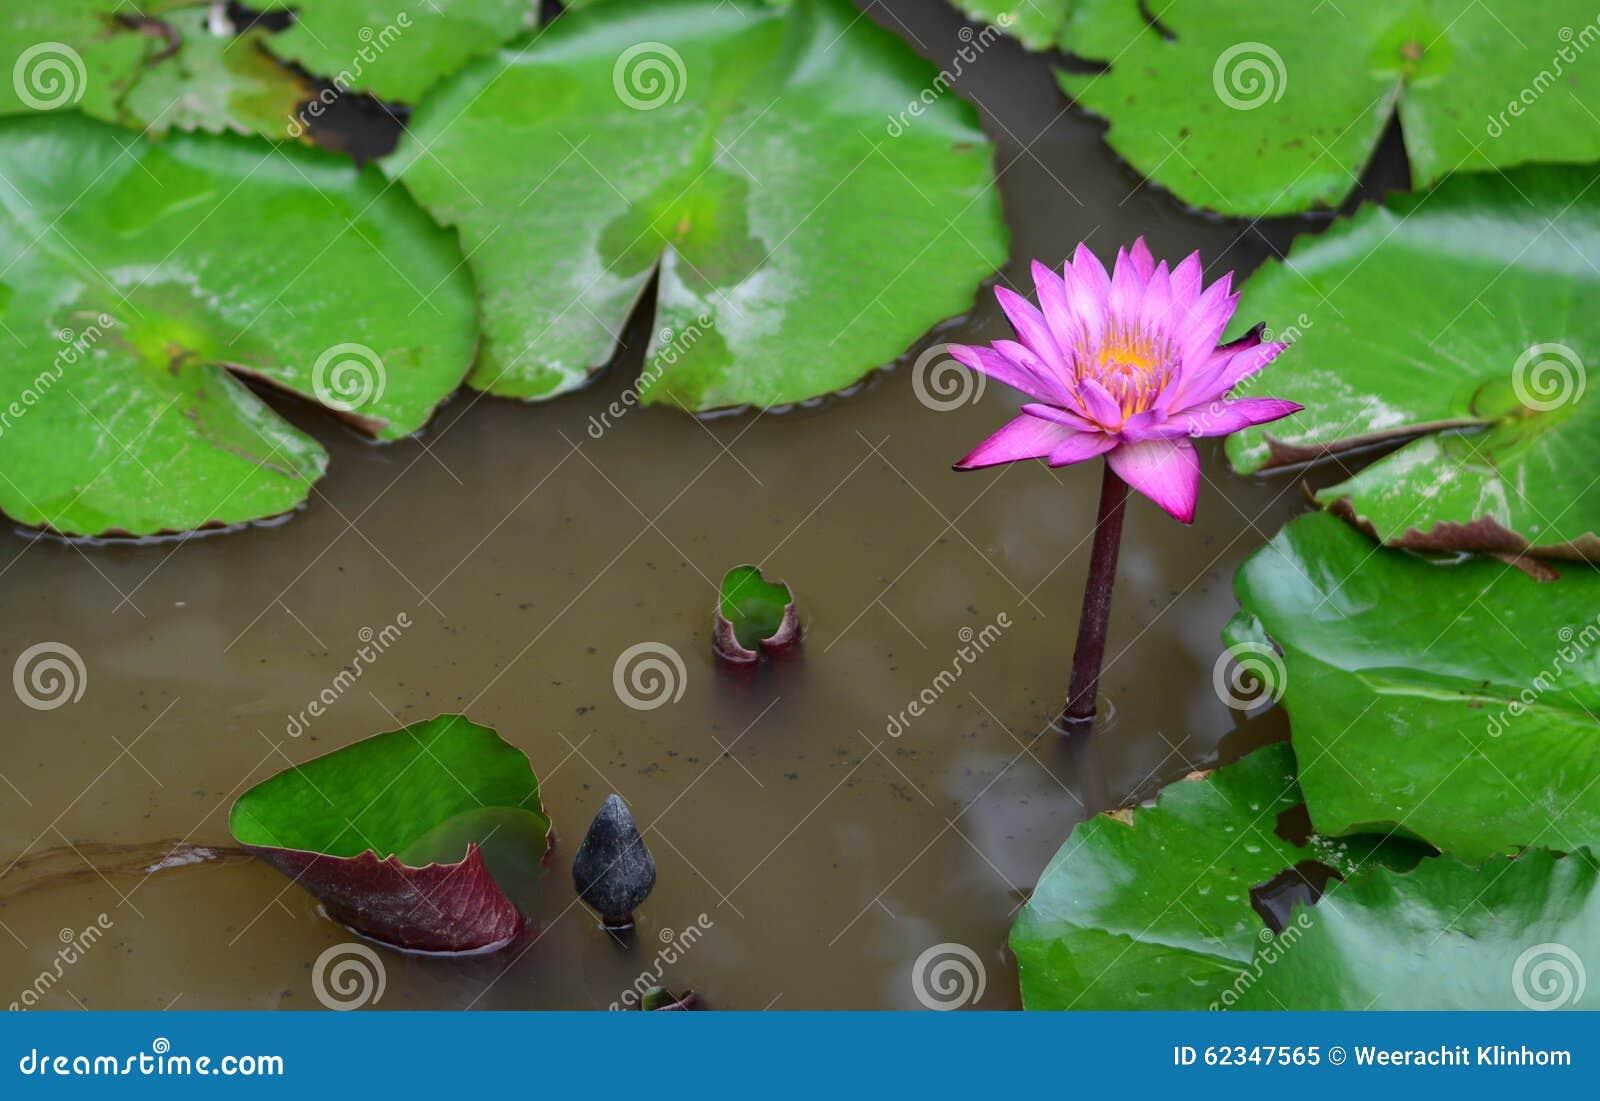 Étang de lotus de floraison trouble